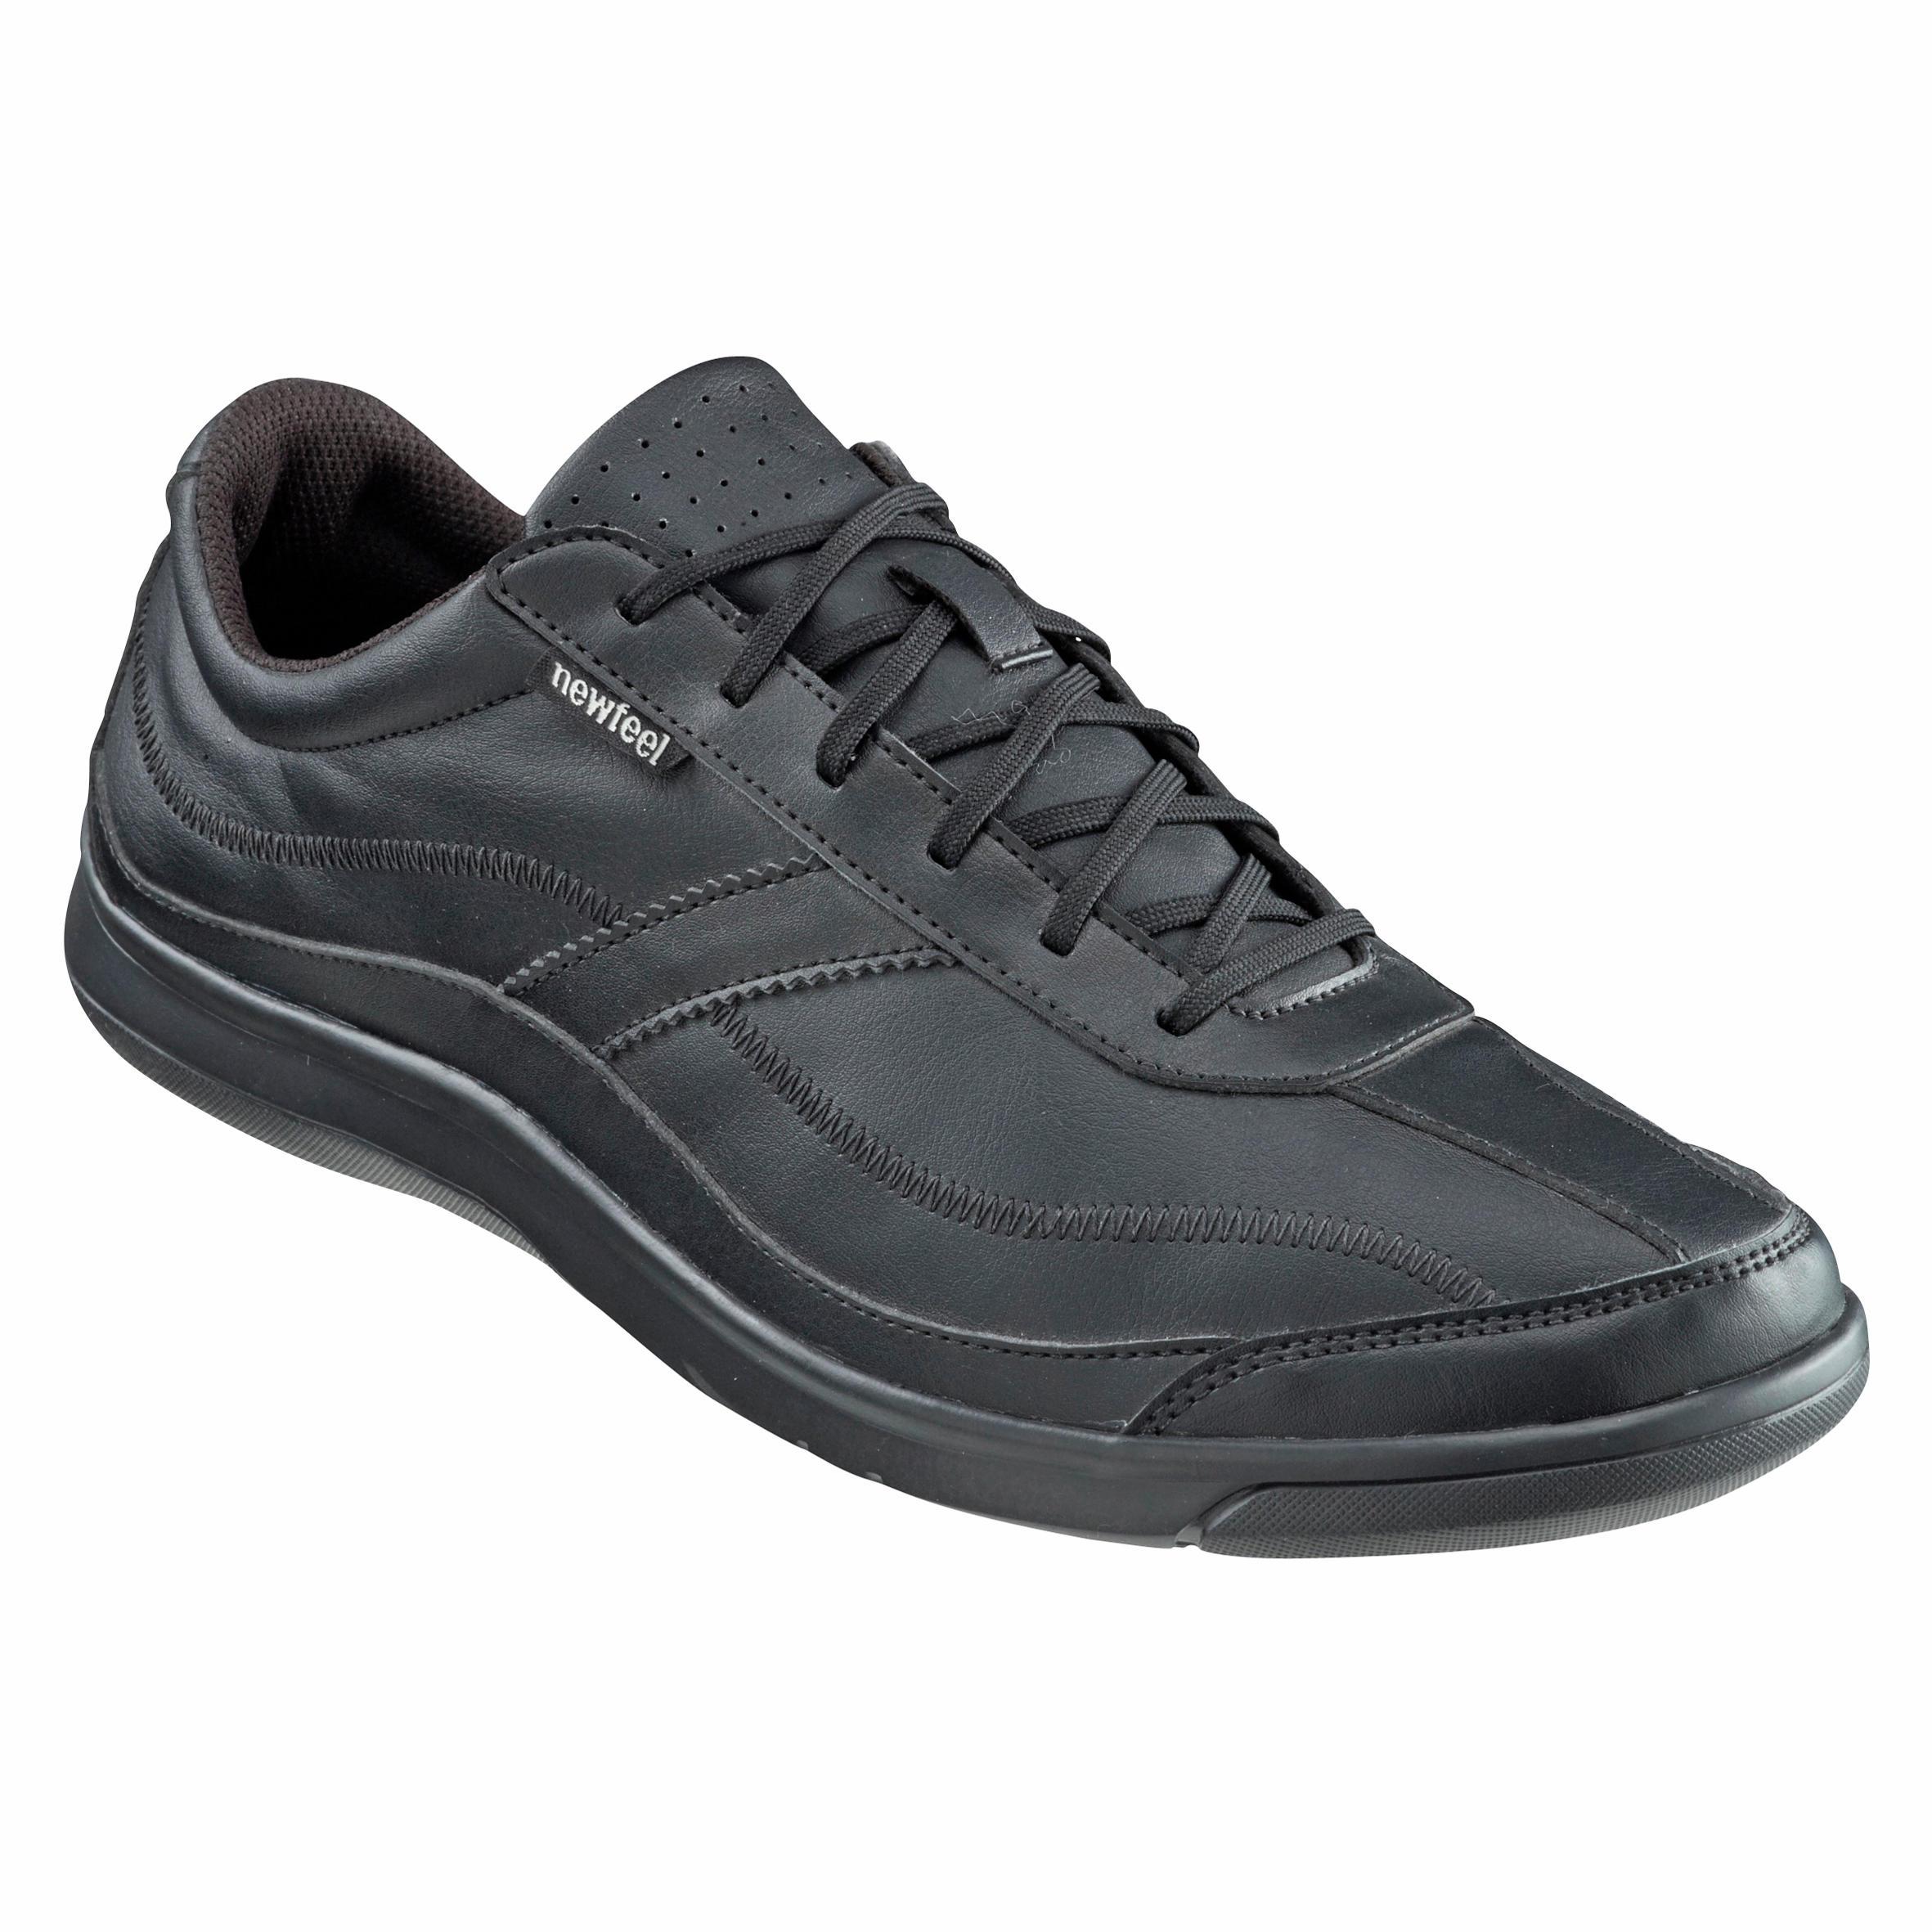 Homme Miago Quotidienne Noir Chaussures Marche LVpzMSUqG